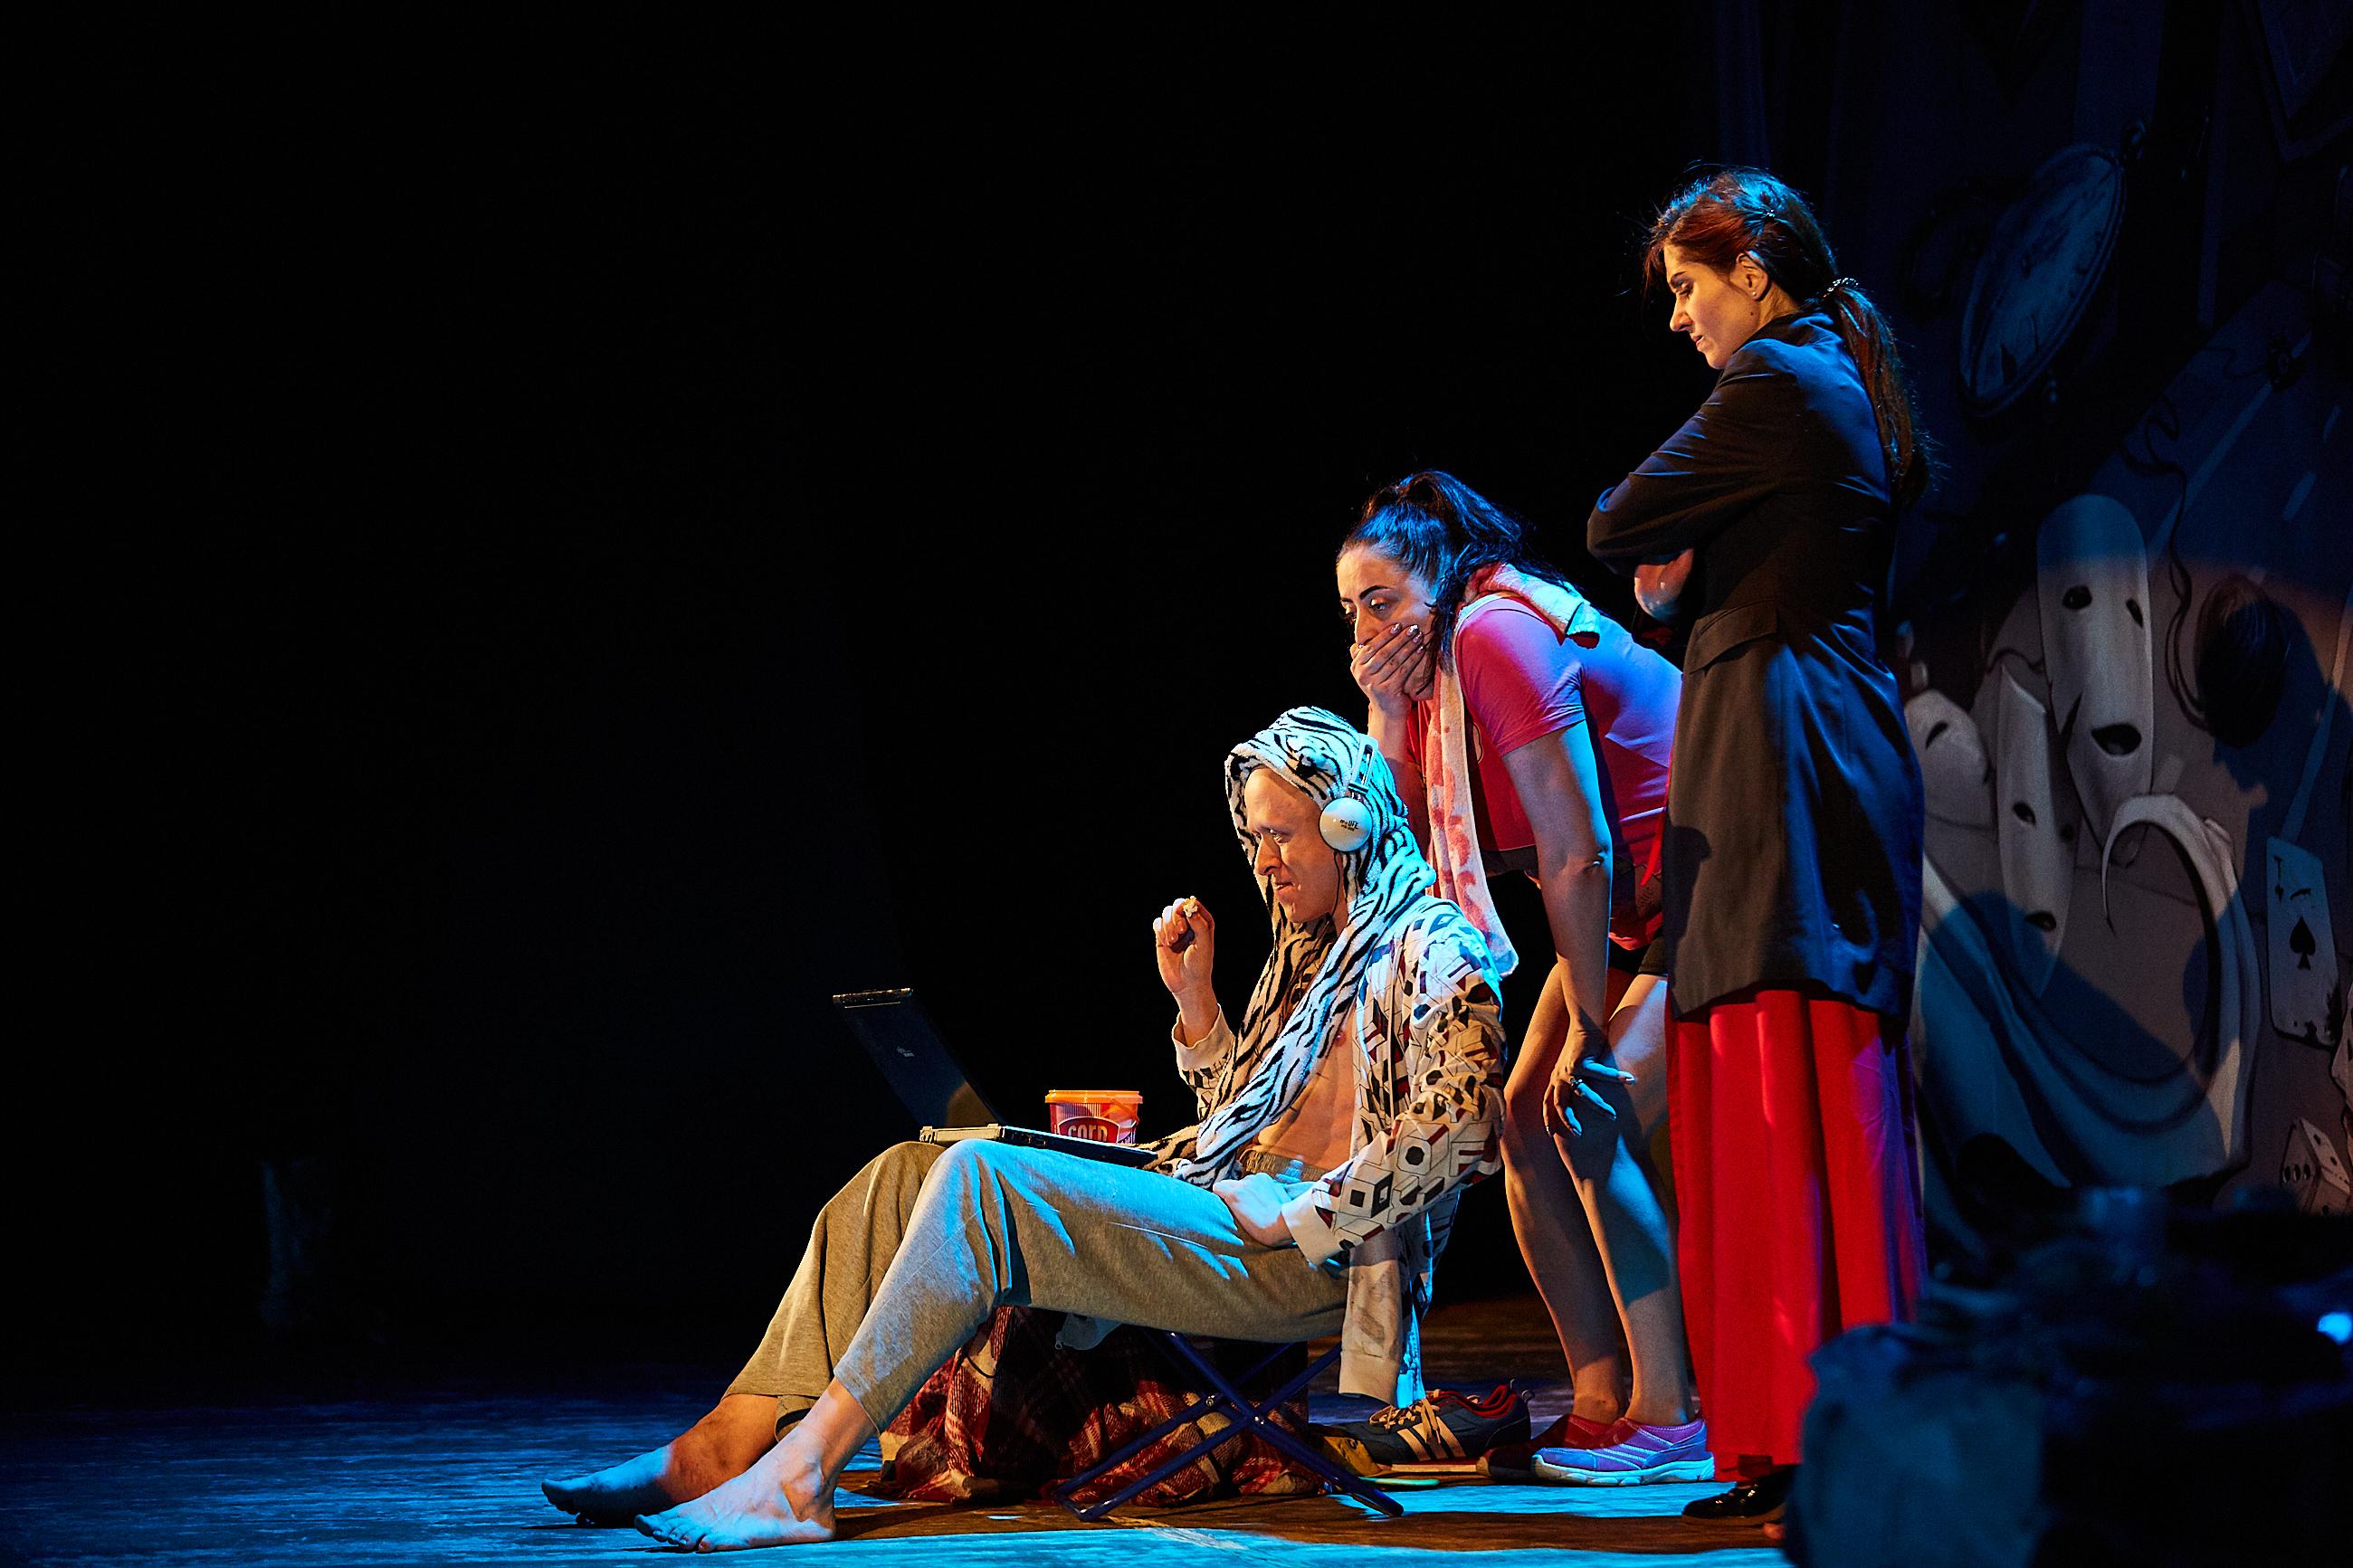 Театральные постановки с эротическим уклоном видео, скрытая съемка девушки с красивой попкой